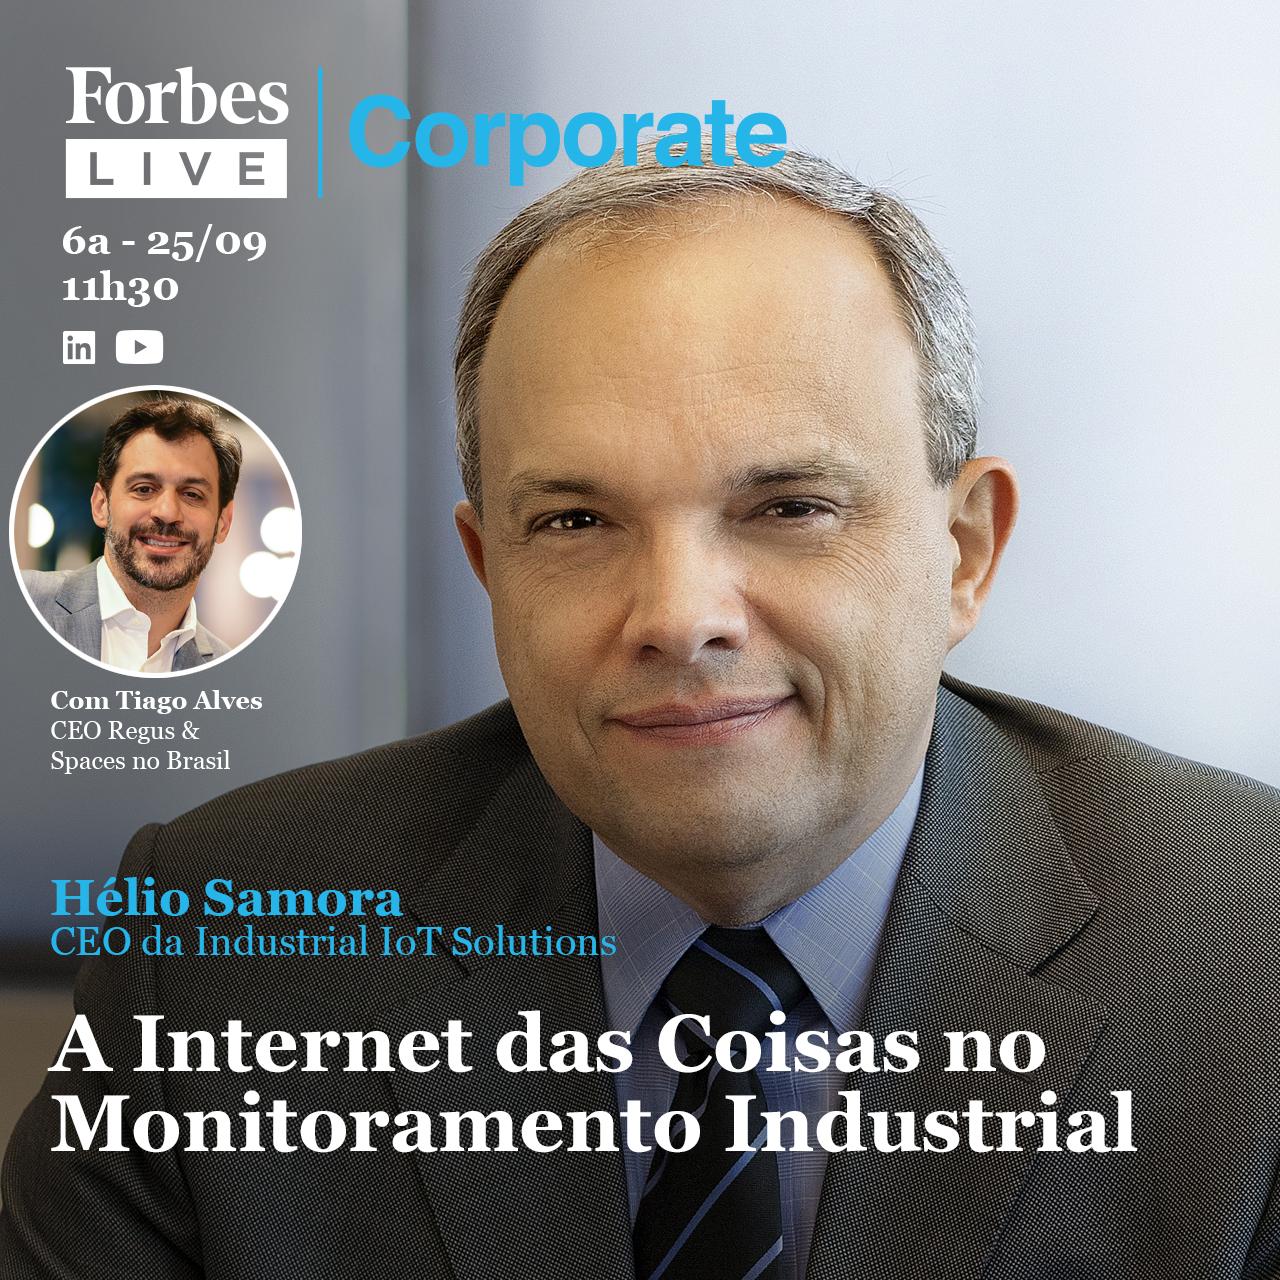 IoT no monitoramento industrial